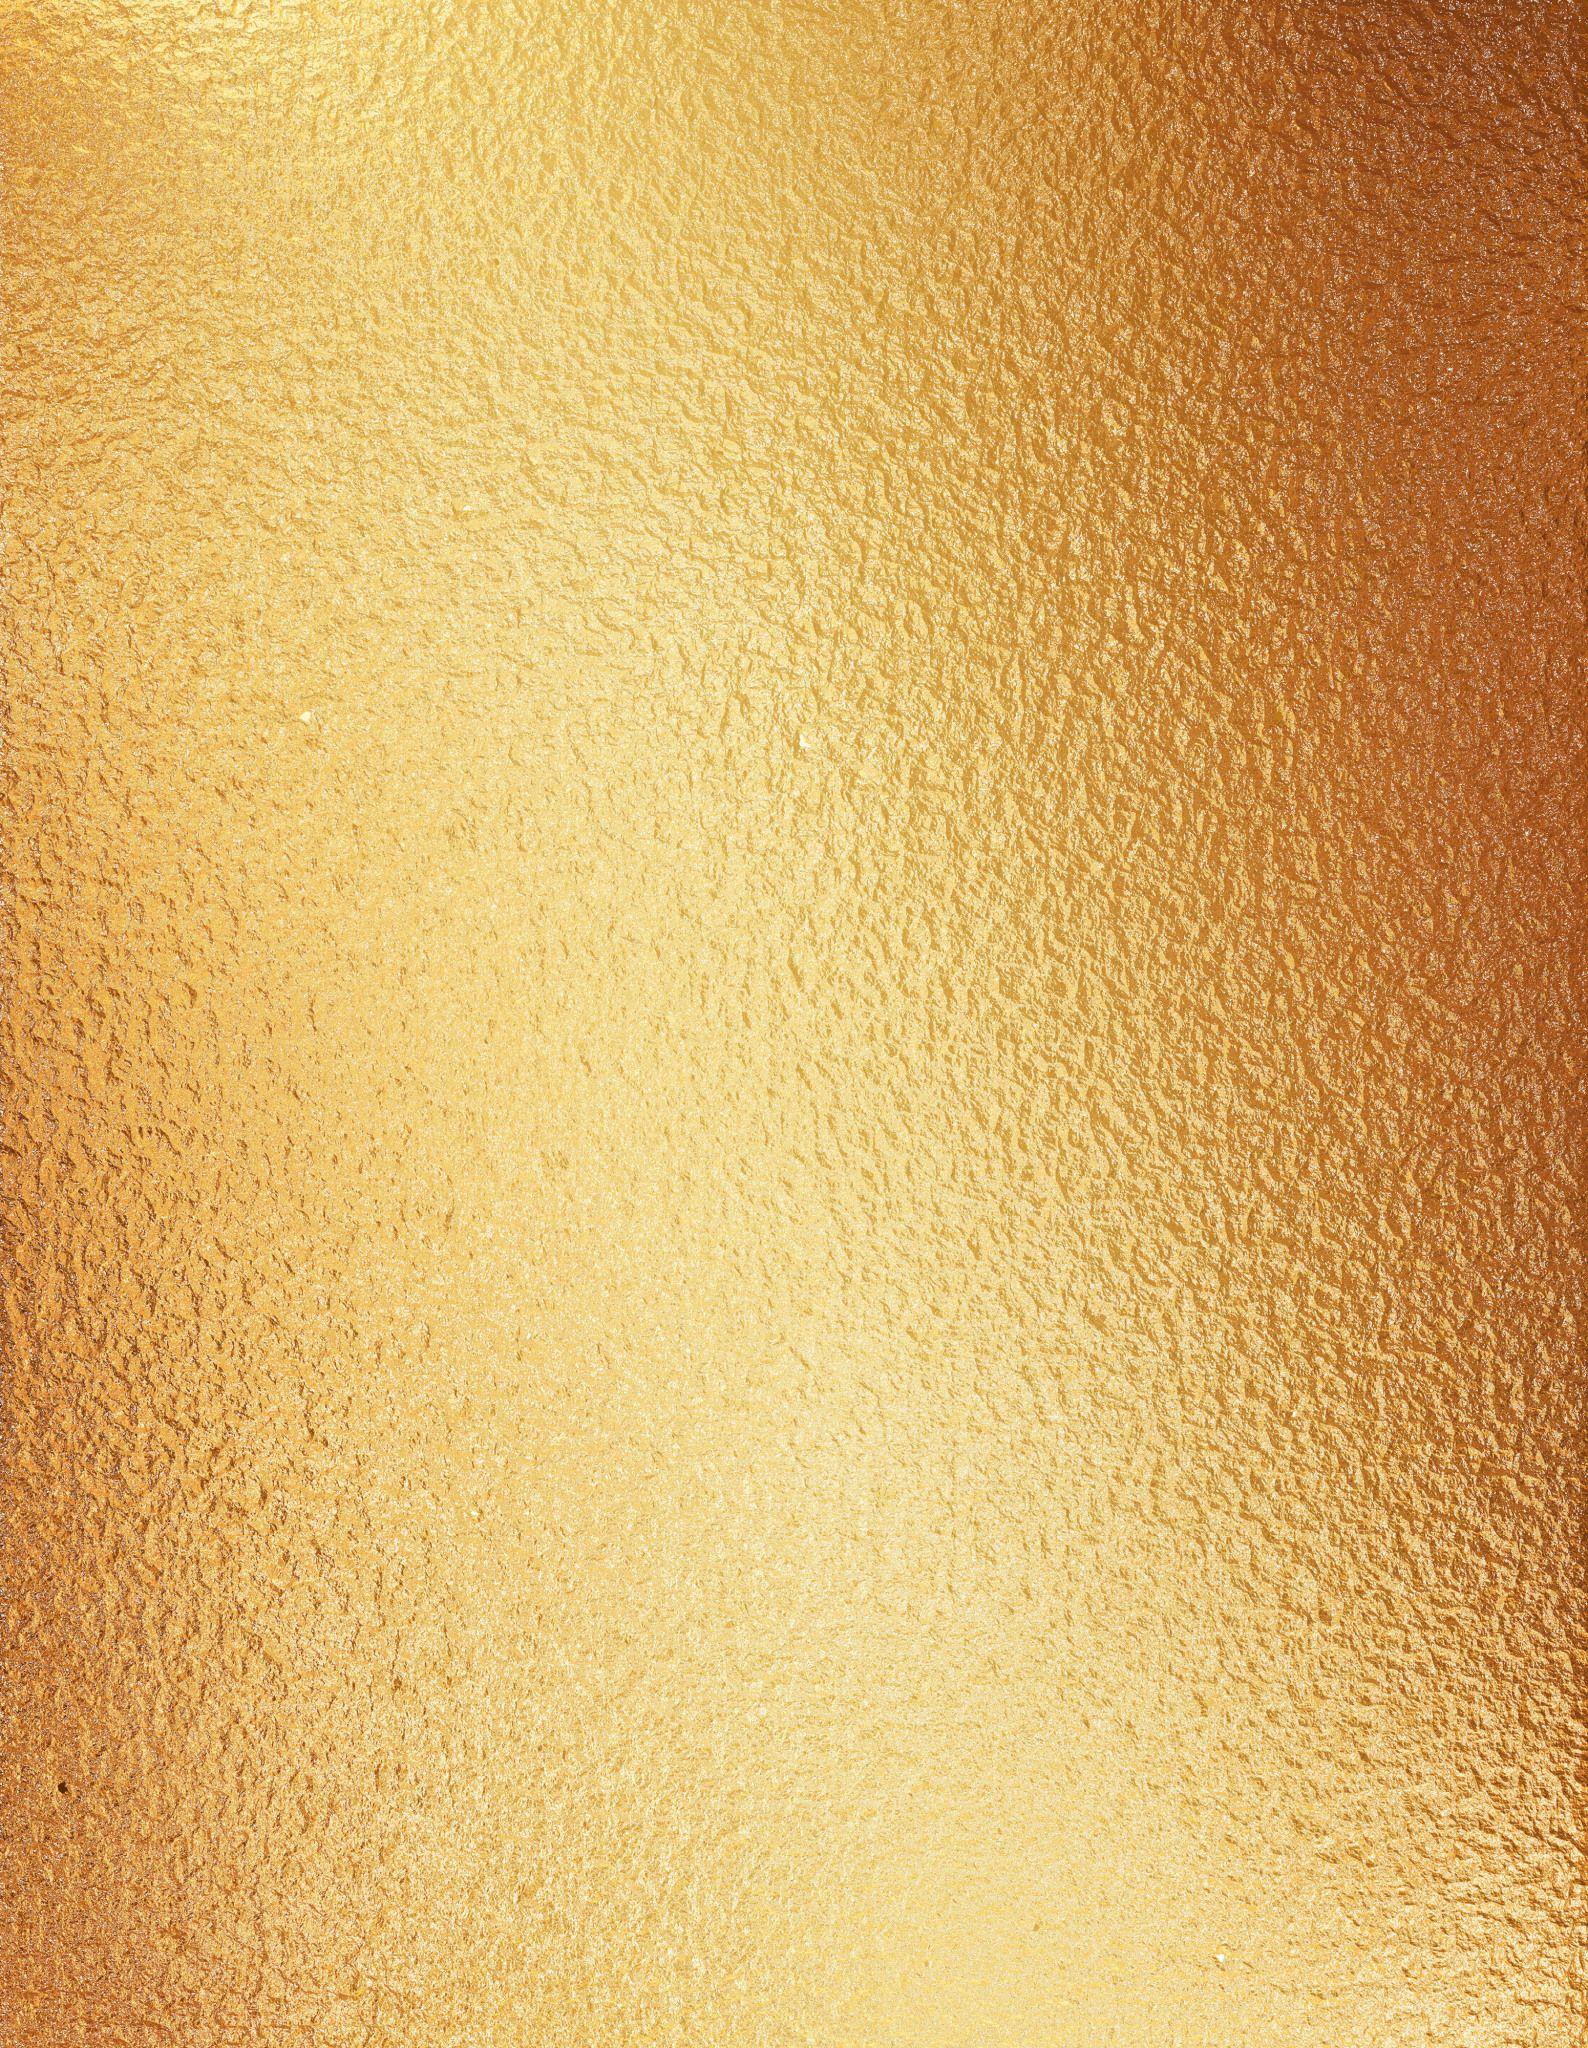 Gold Foil Gold Foil Texture Gold Foil Background Gold Background